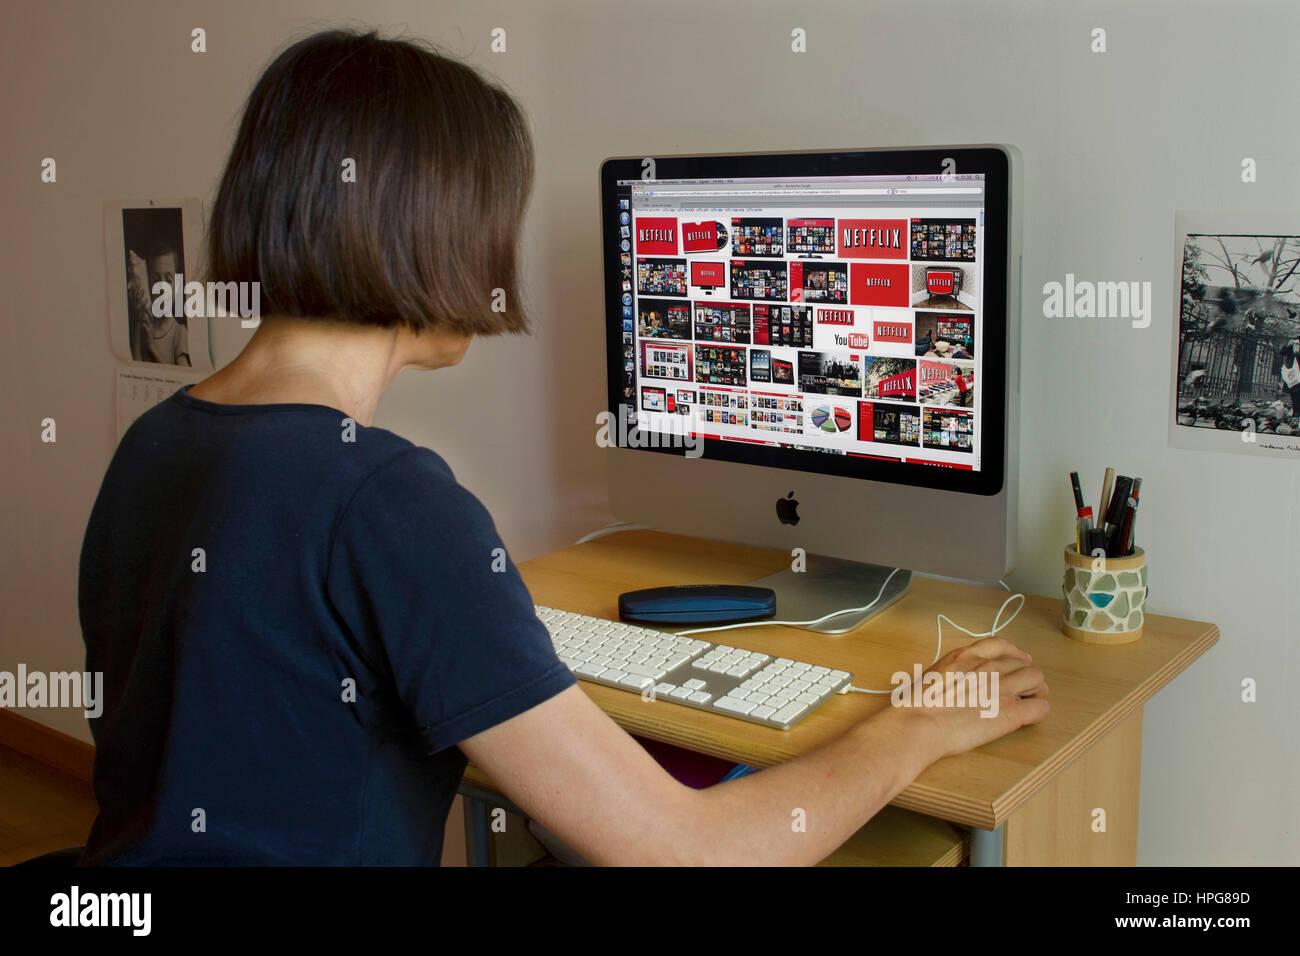 Donna di fronte allo schermo di un computer la visualizzazione di Netflix. Immagini Stock